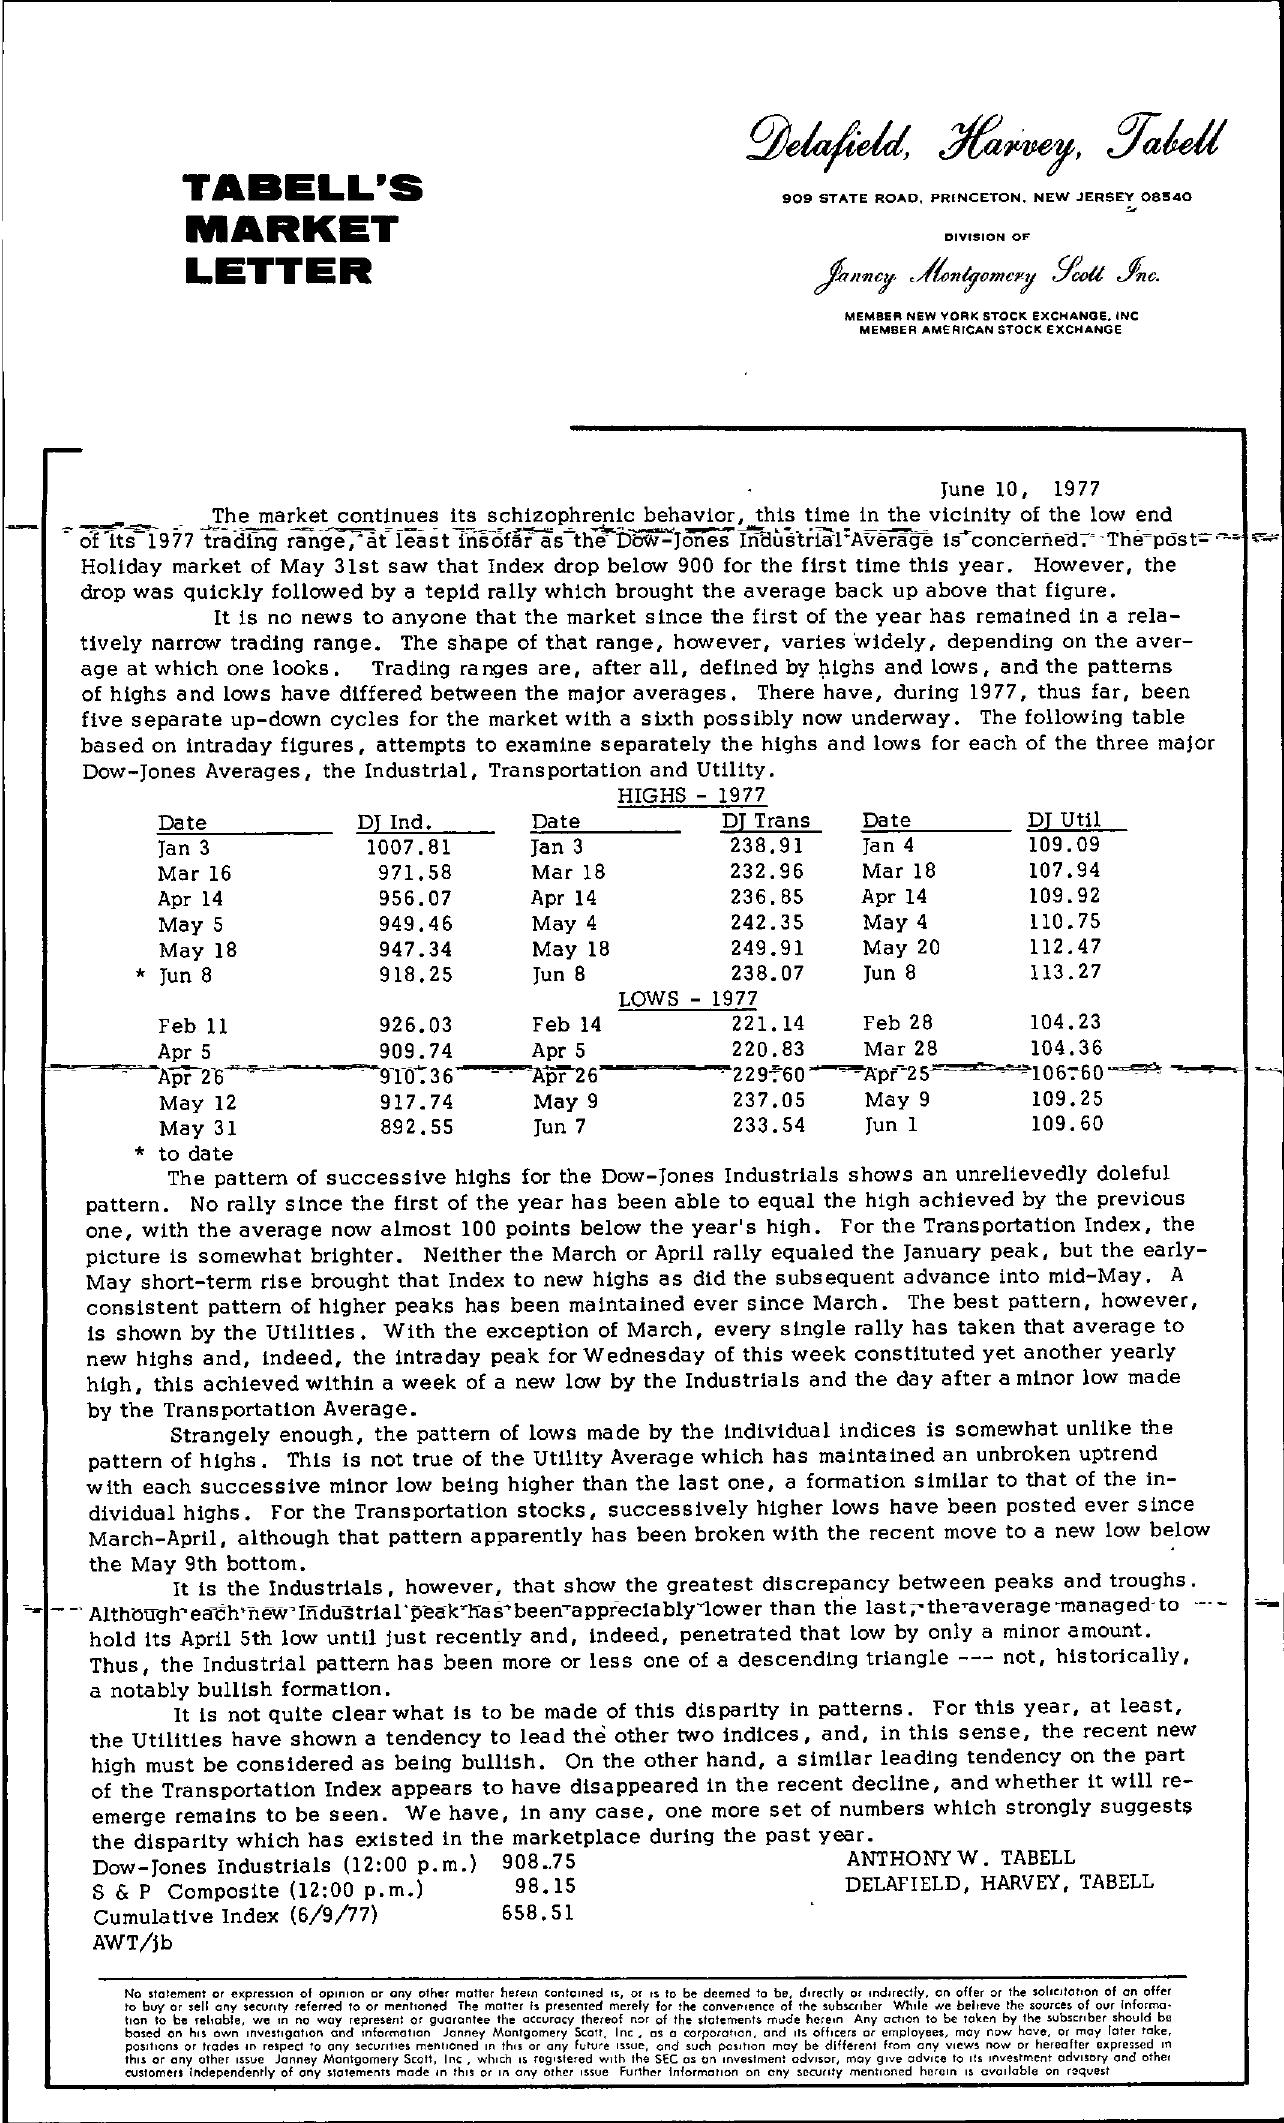 Tabell's Market Letter - June 10, 1977